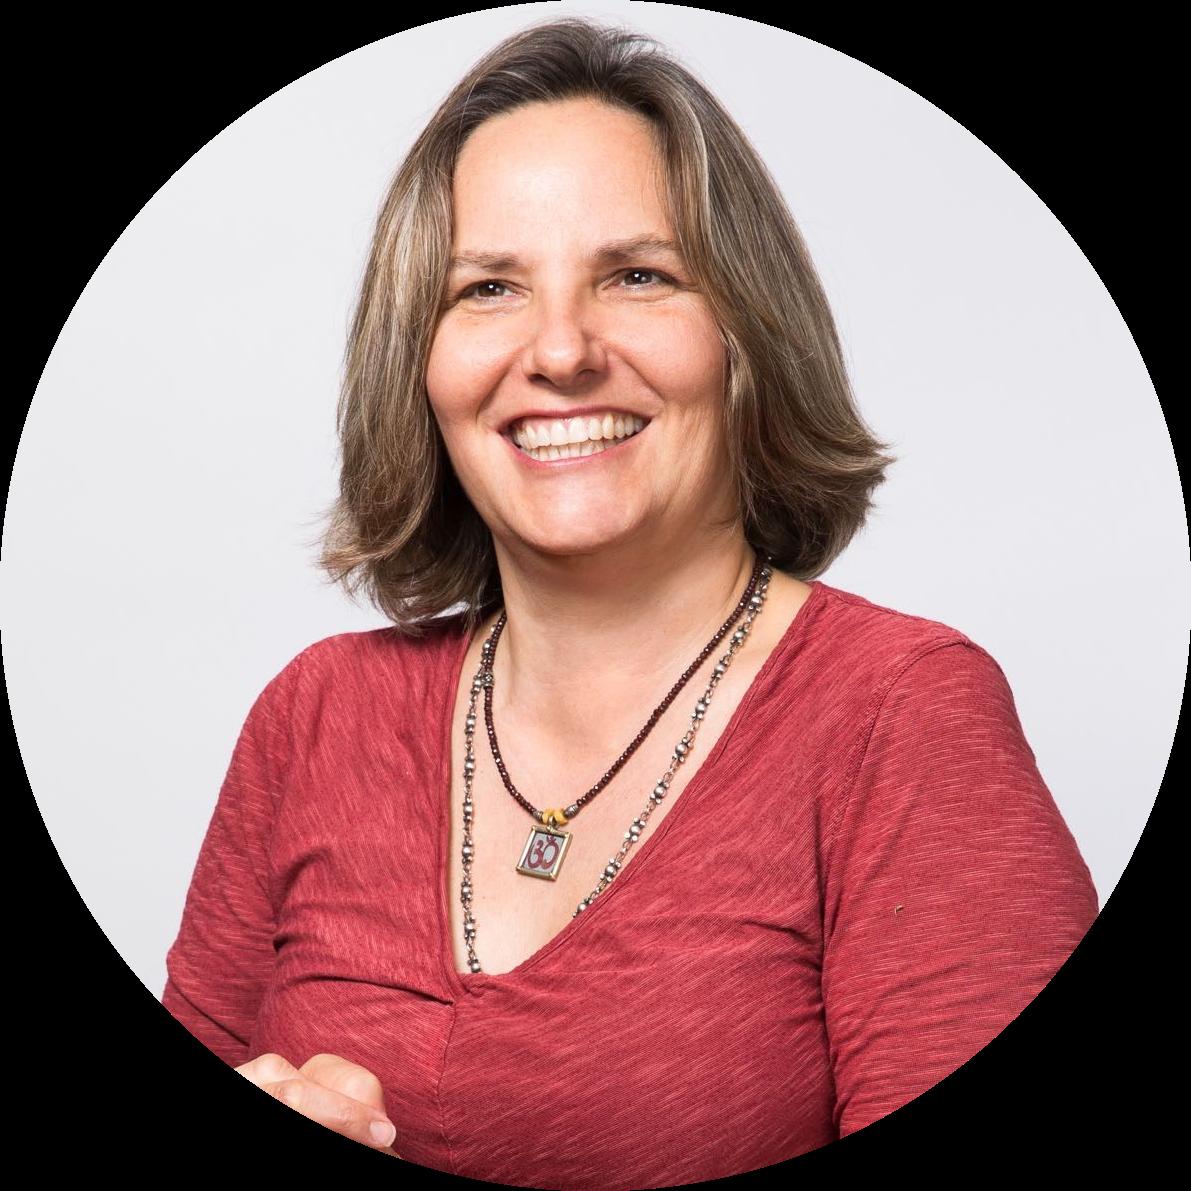 GET2018教育科技大会嘉宾:Betsy CorcoranEdSurge联合创始人兼CEO